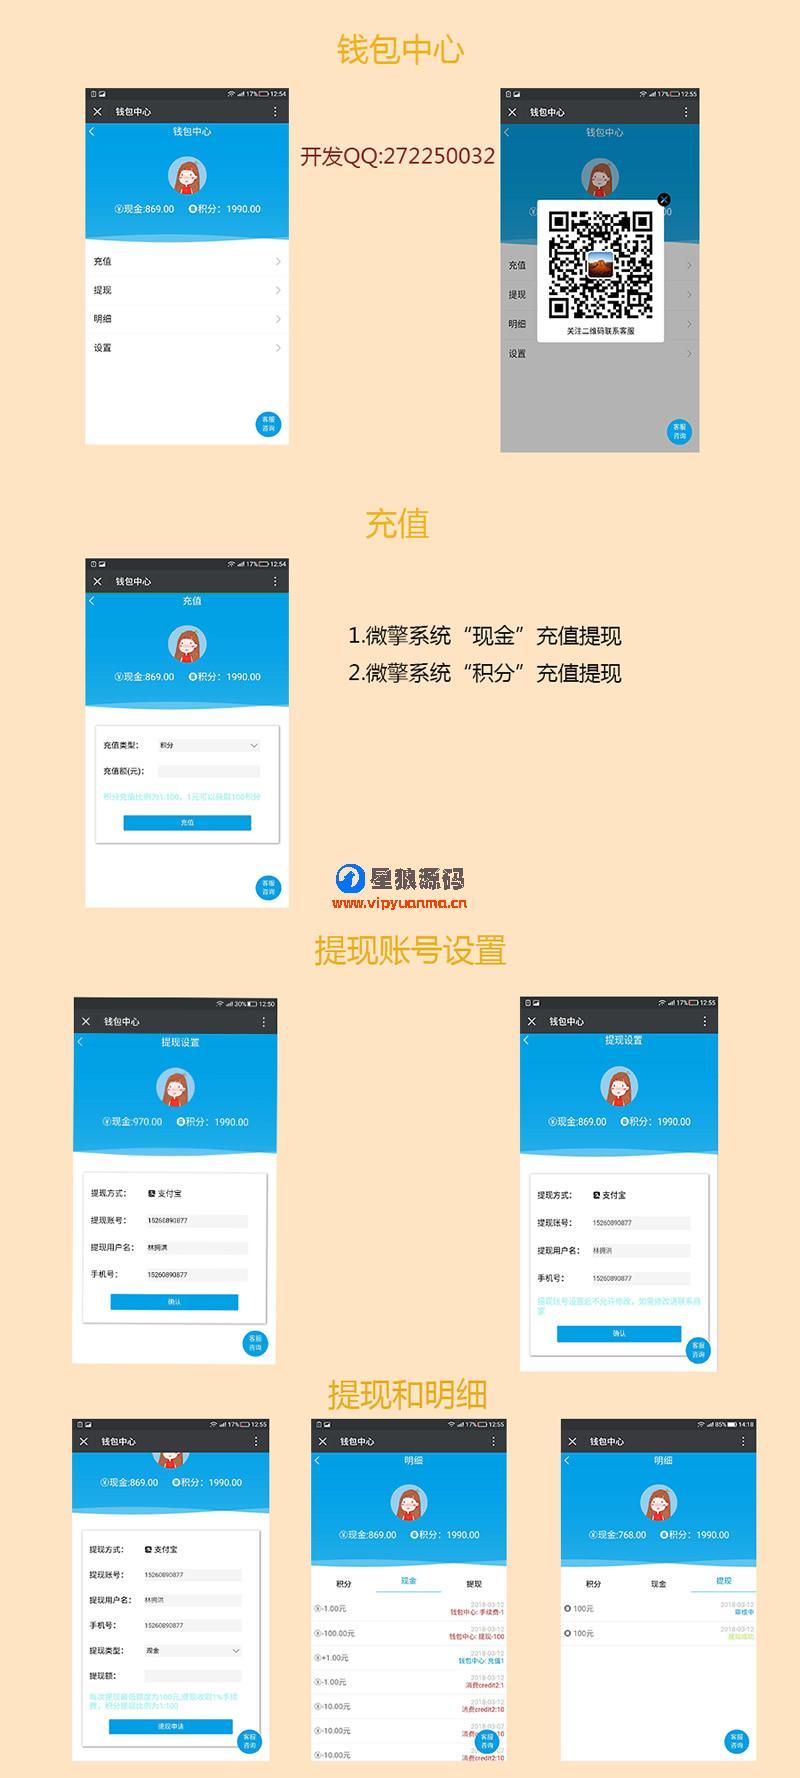 【微信公众号】充值提现钱包V1.2.0 公众号功能模块 第1张